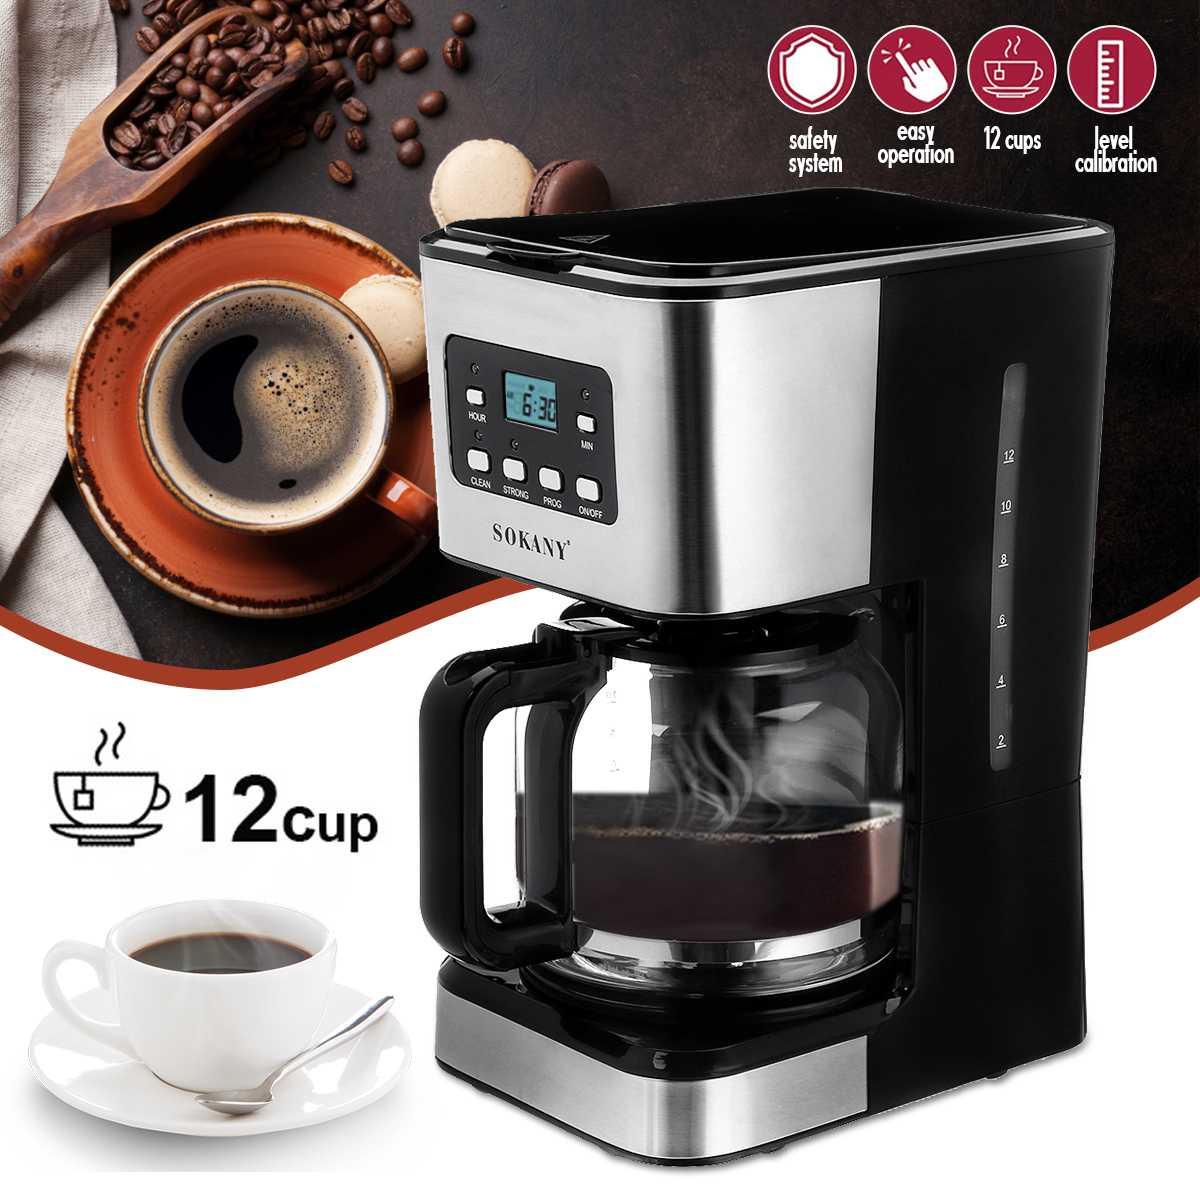 220V Coffee Machine 12 Cups For Espresso Cappuccino Latte Semi-Automatic Steam Coffee Maker Detachable Washable Coffeemaker